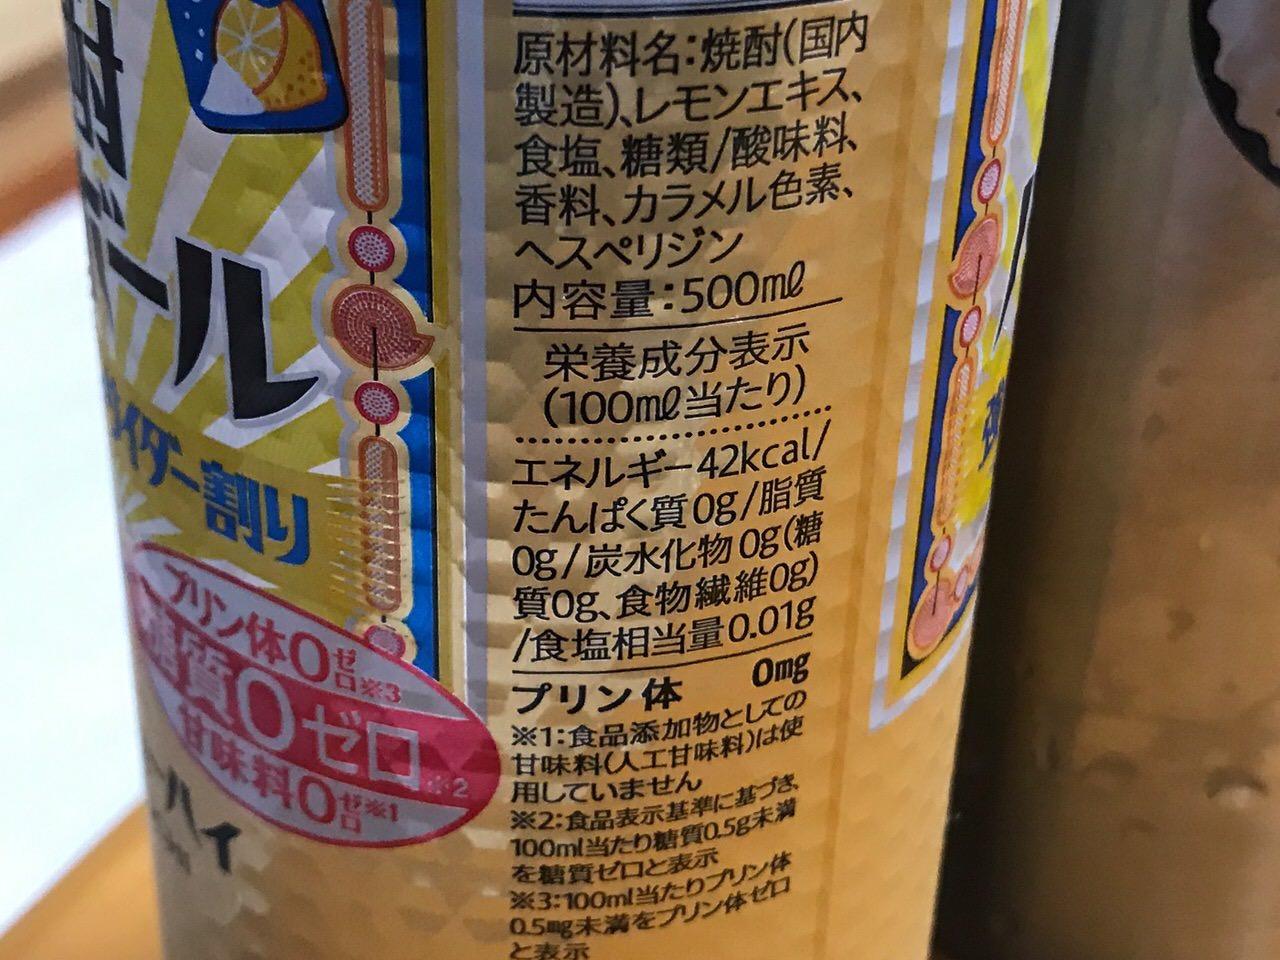 焼酎ハイボール 強烈塩レモンサイダー割り 09